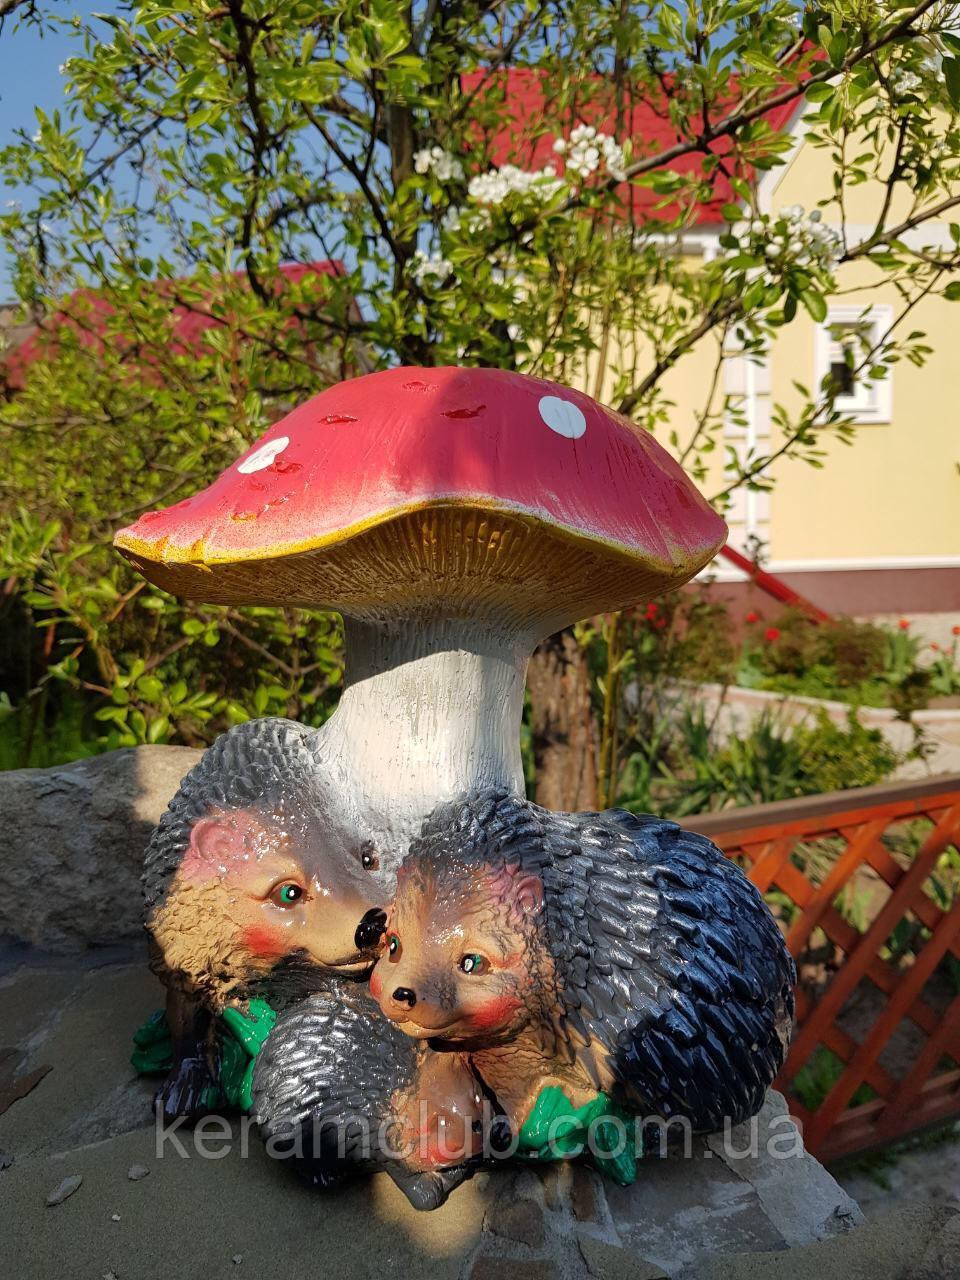 Садовая фигура: гриб с ежами